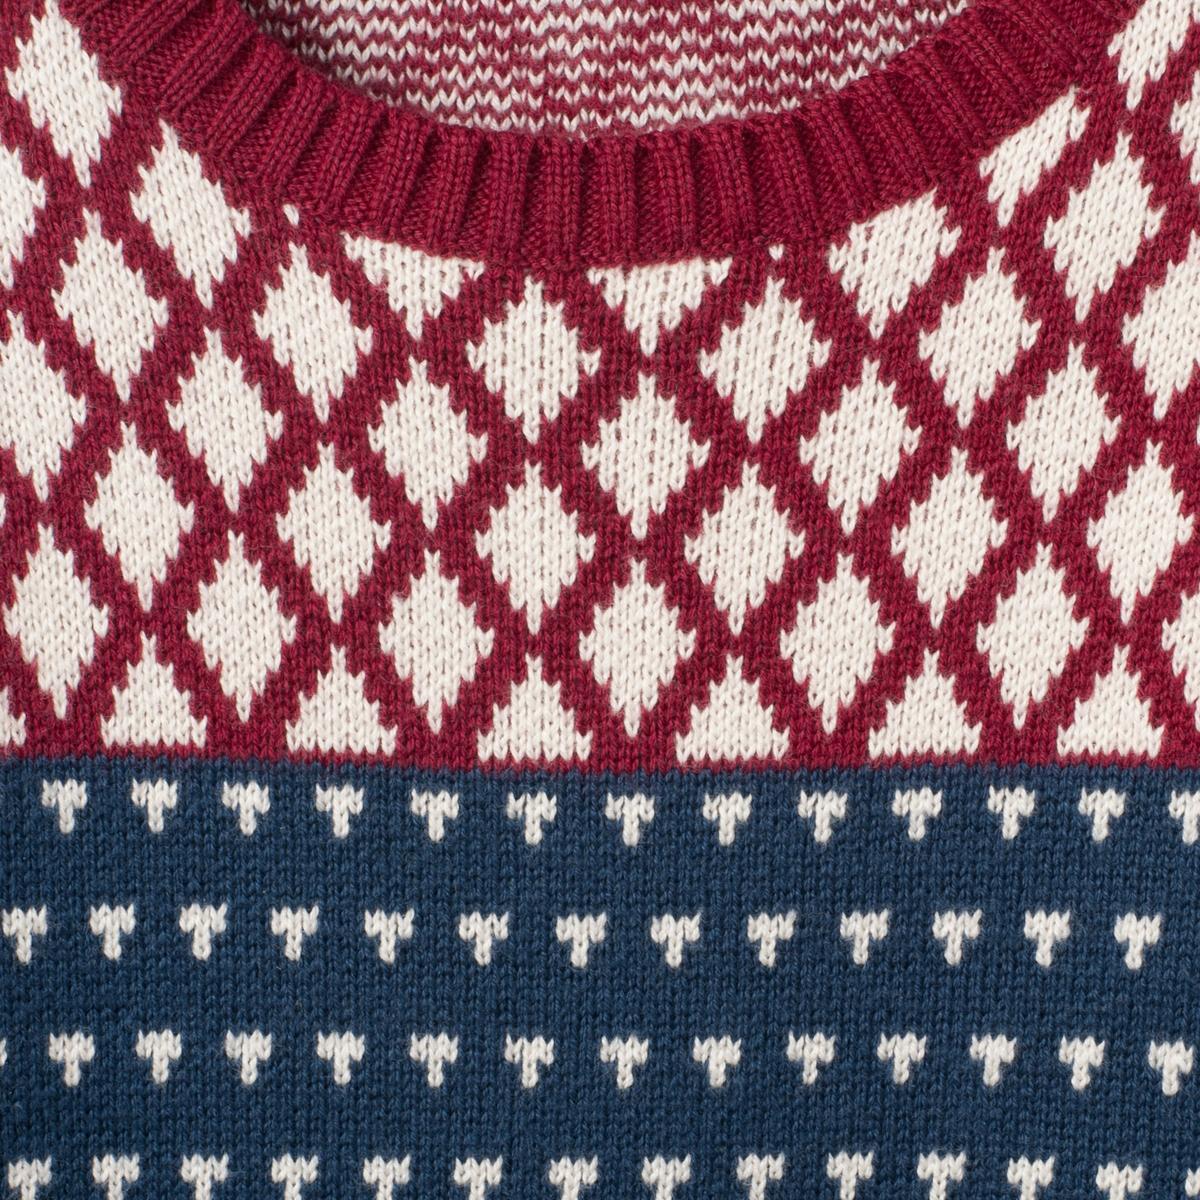 Жаккардовый пуловер на 1 мес. - 3 годаЖаккардовый пуловер. Длинные рукава. Края связаны в контрастный рубчик. Застежка на кнопку на плече. Состав и описаниеМатериал 100 % хлопка Марка    R mini УходСтирать и гладить с изнанки.Машинная стирка при 30°С на умеренном режиме с одеждой схожих цветовМашинная сушка запрещена.Гладить на очень низкой температуре.<br><br>Цвет: темно-синий/ красный<br>Размер: 3 мес. - 60 см